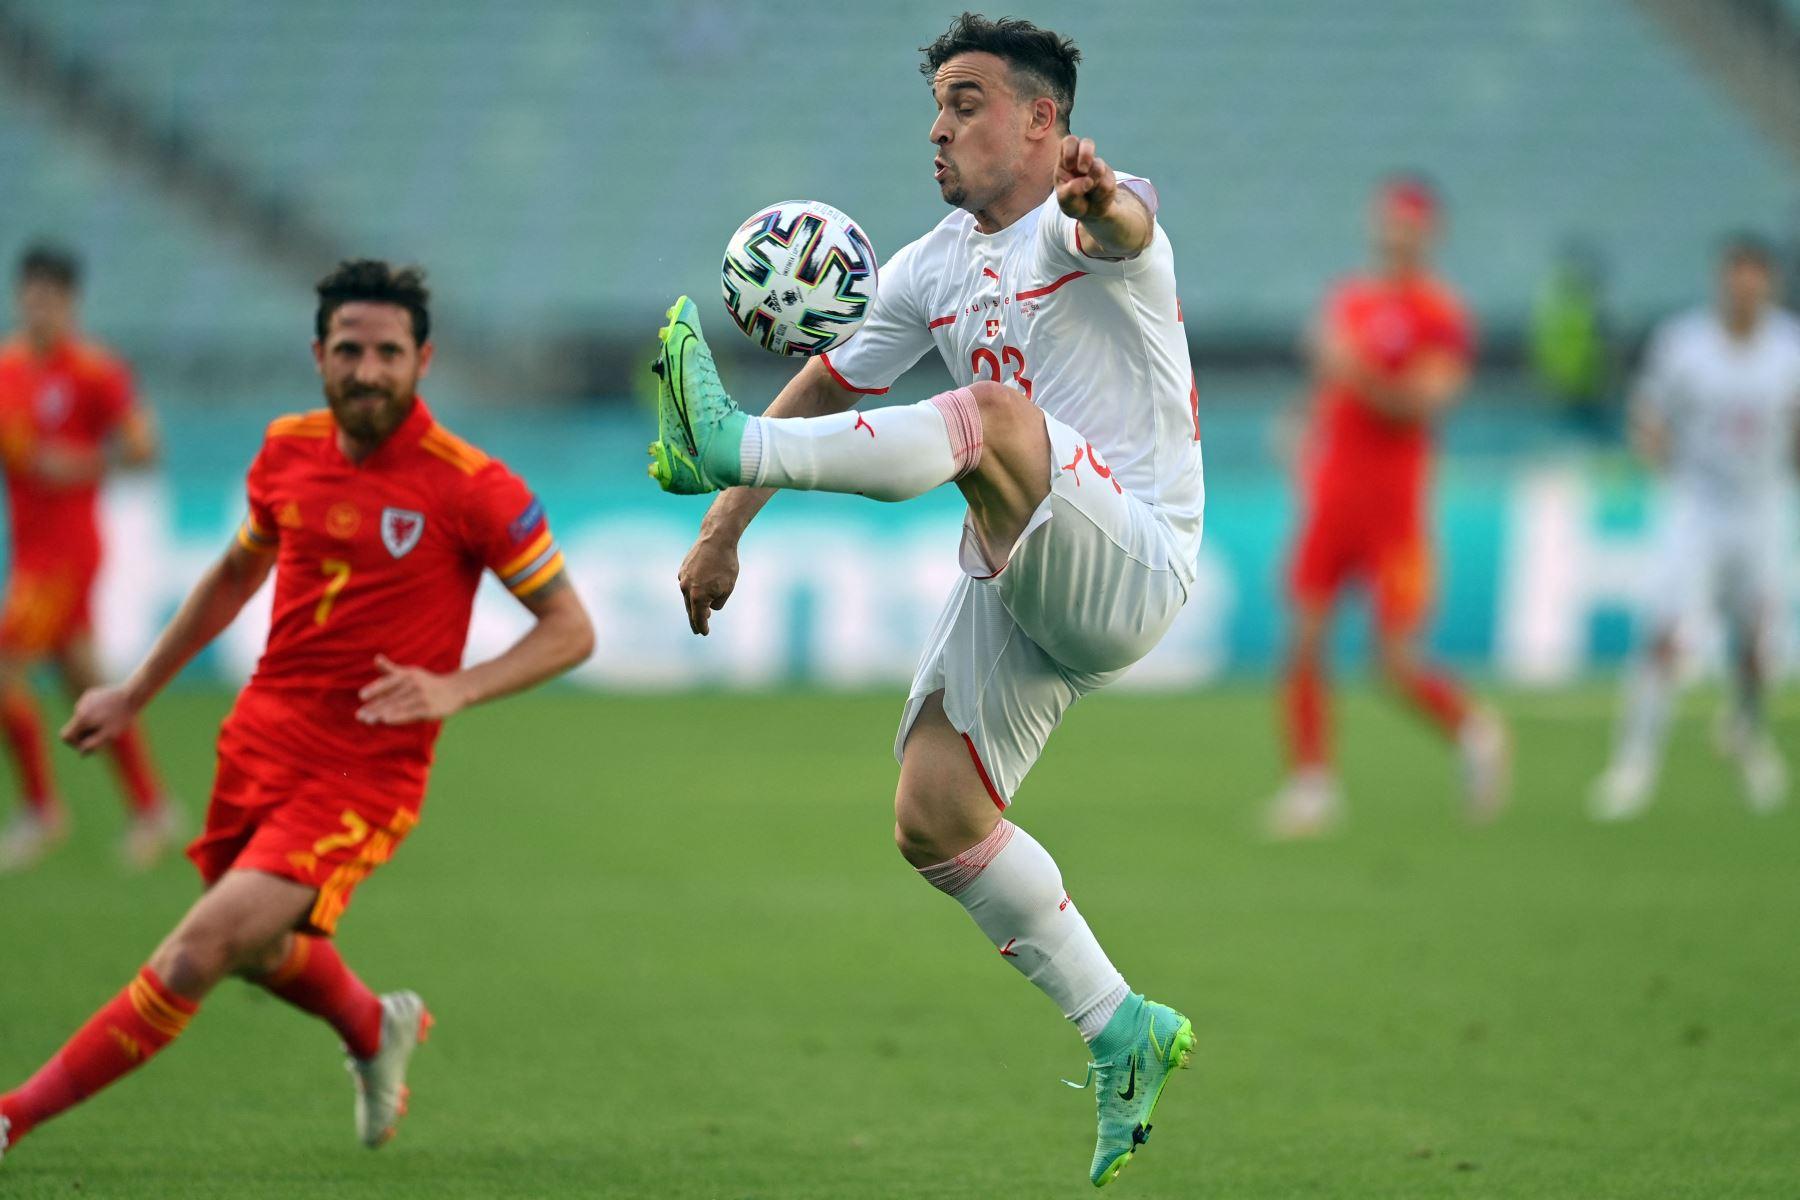 El centrocampista suizo Xherdan Shaqiri controla el balón durante el partido de fútbol del Grupo A de la UEFA EURO 2020 entre Gales y Suiza en el Estadio Olímpico de Bakú. Foto: AFP